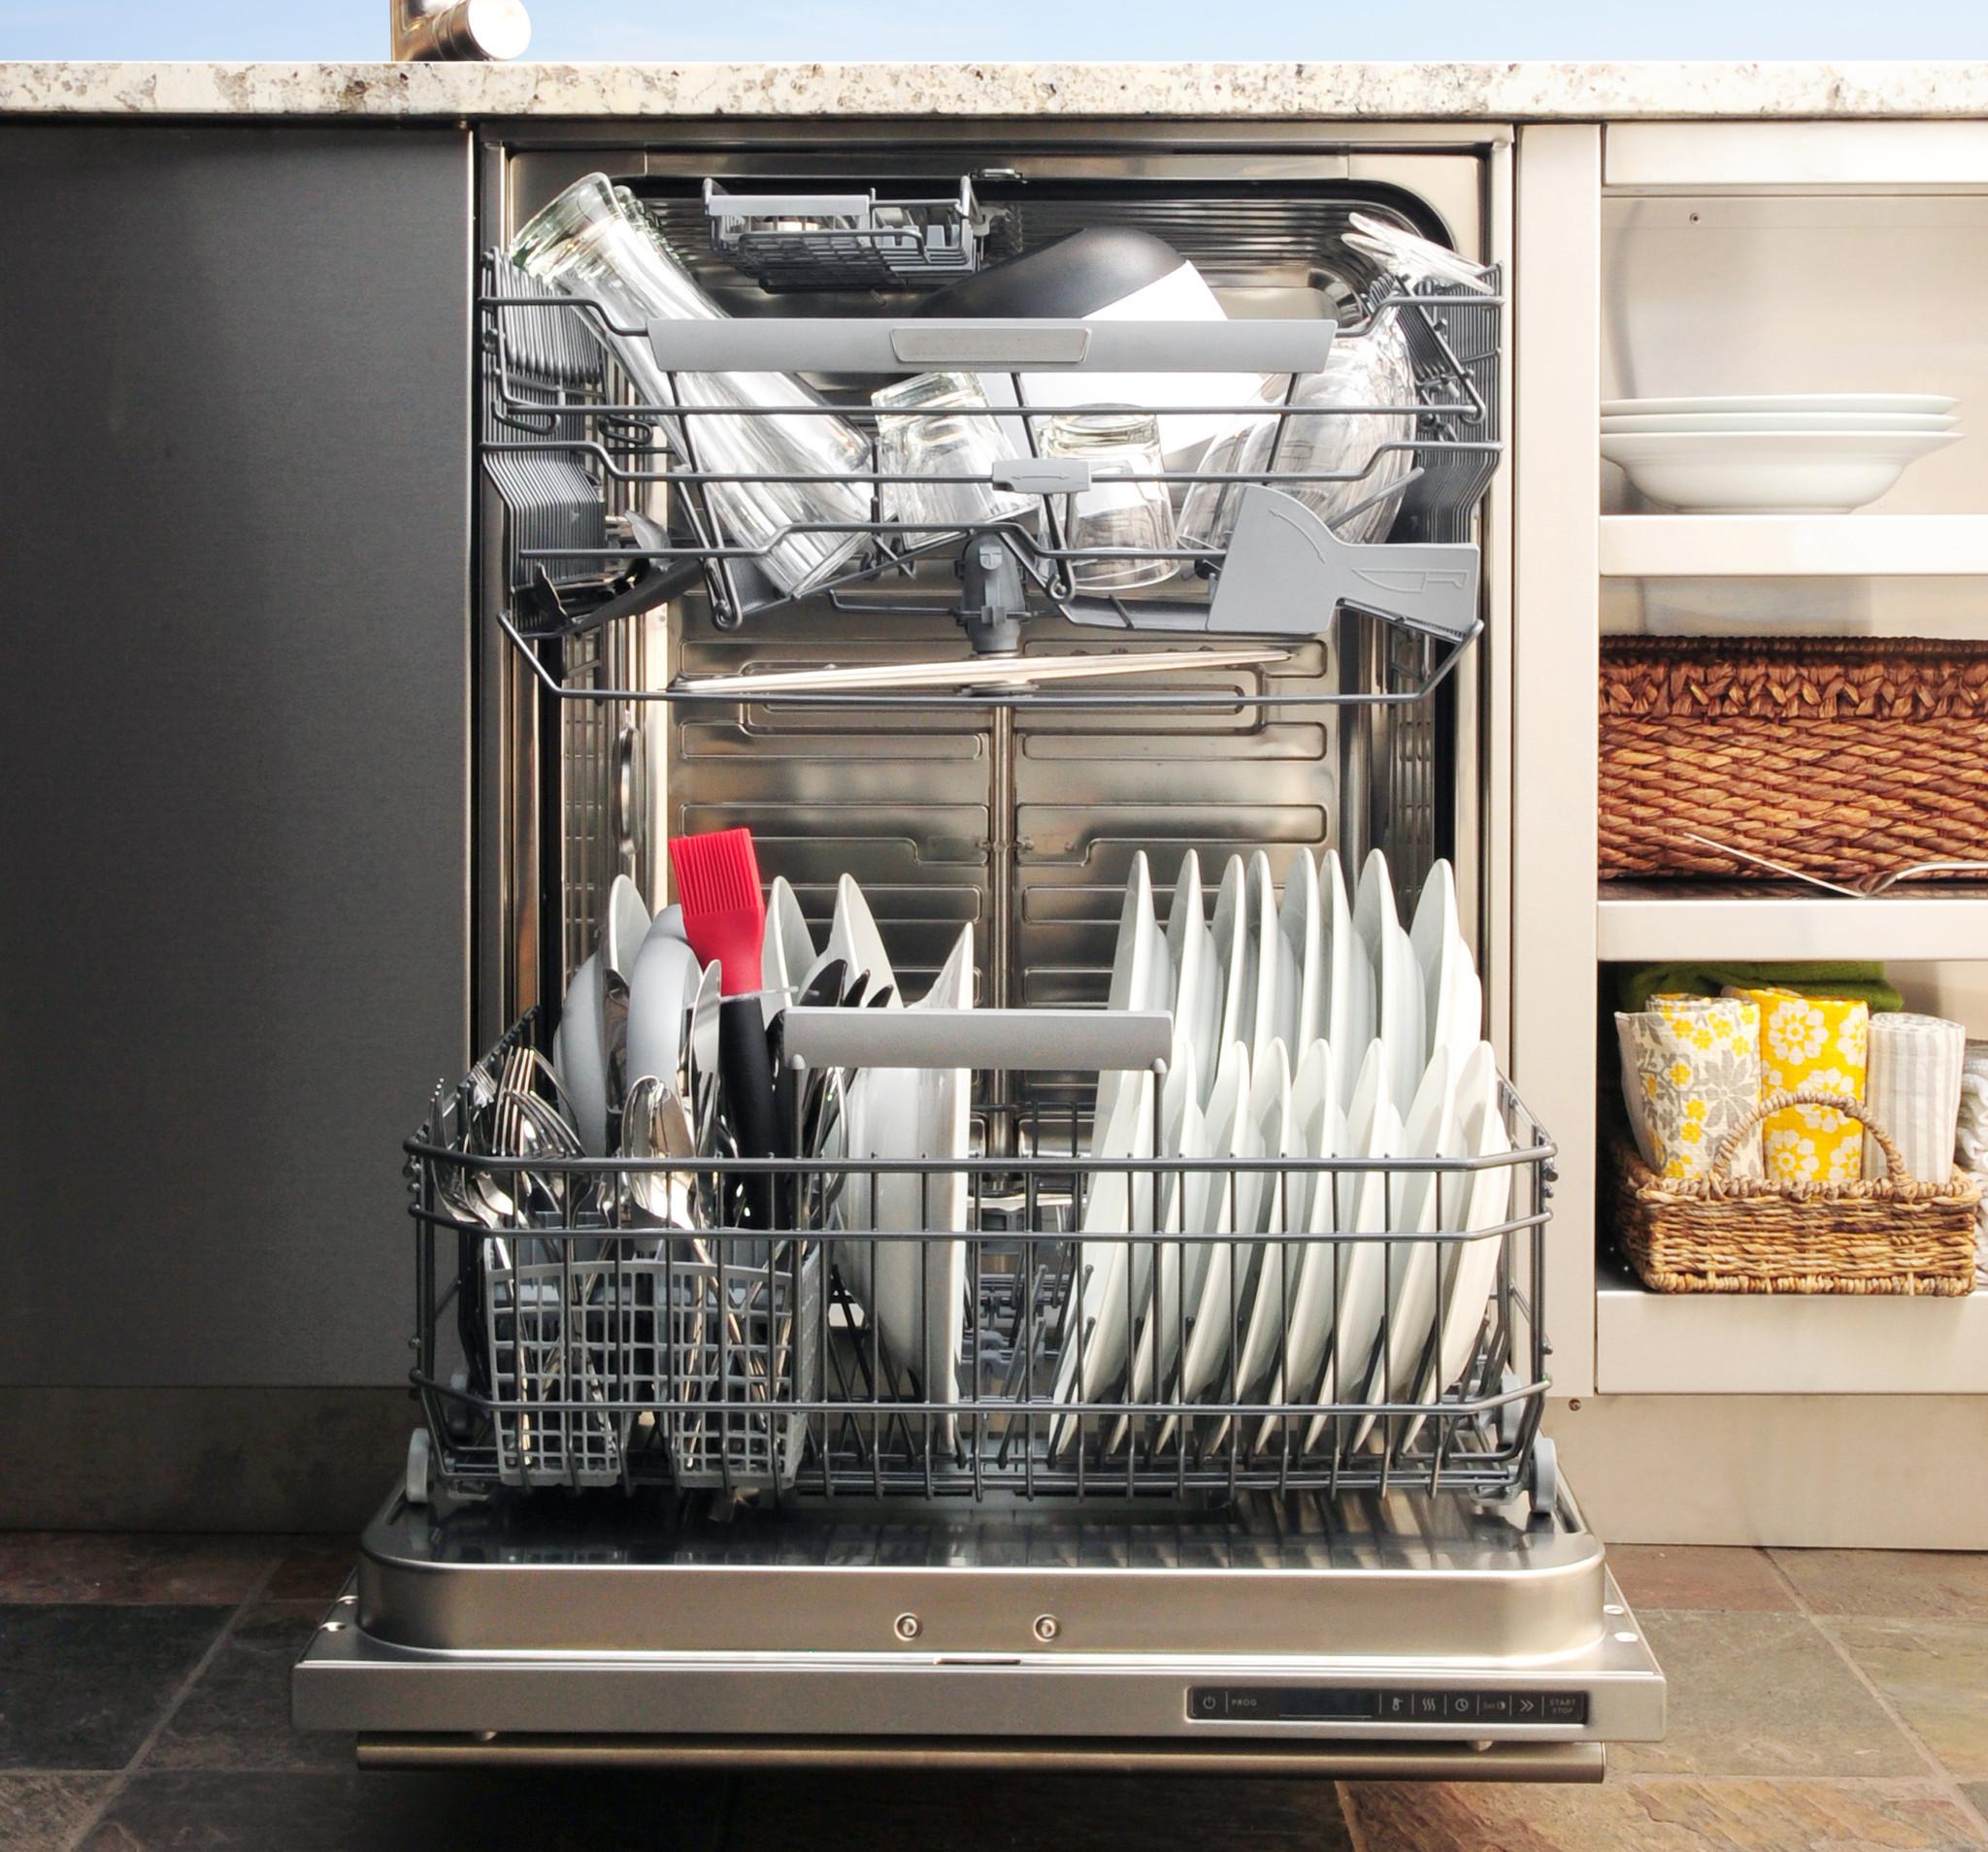 Выбор маленькой посудомоечной машины: рейтинг производителей и лучшие модели по цене и функциям, 5 важных параметров для успешной покупки